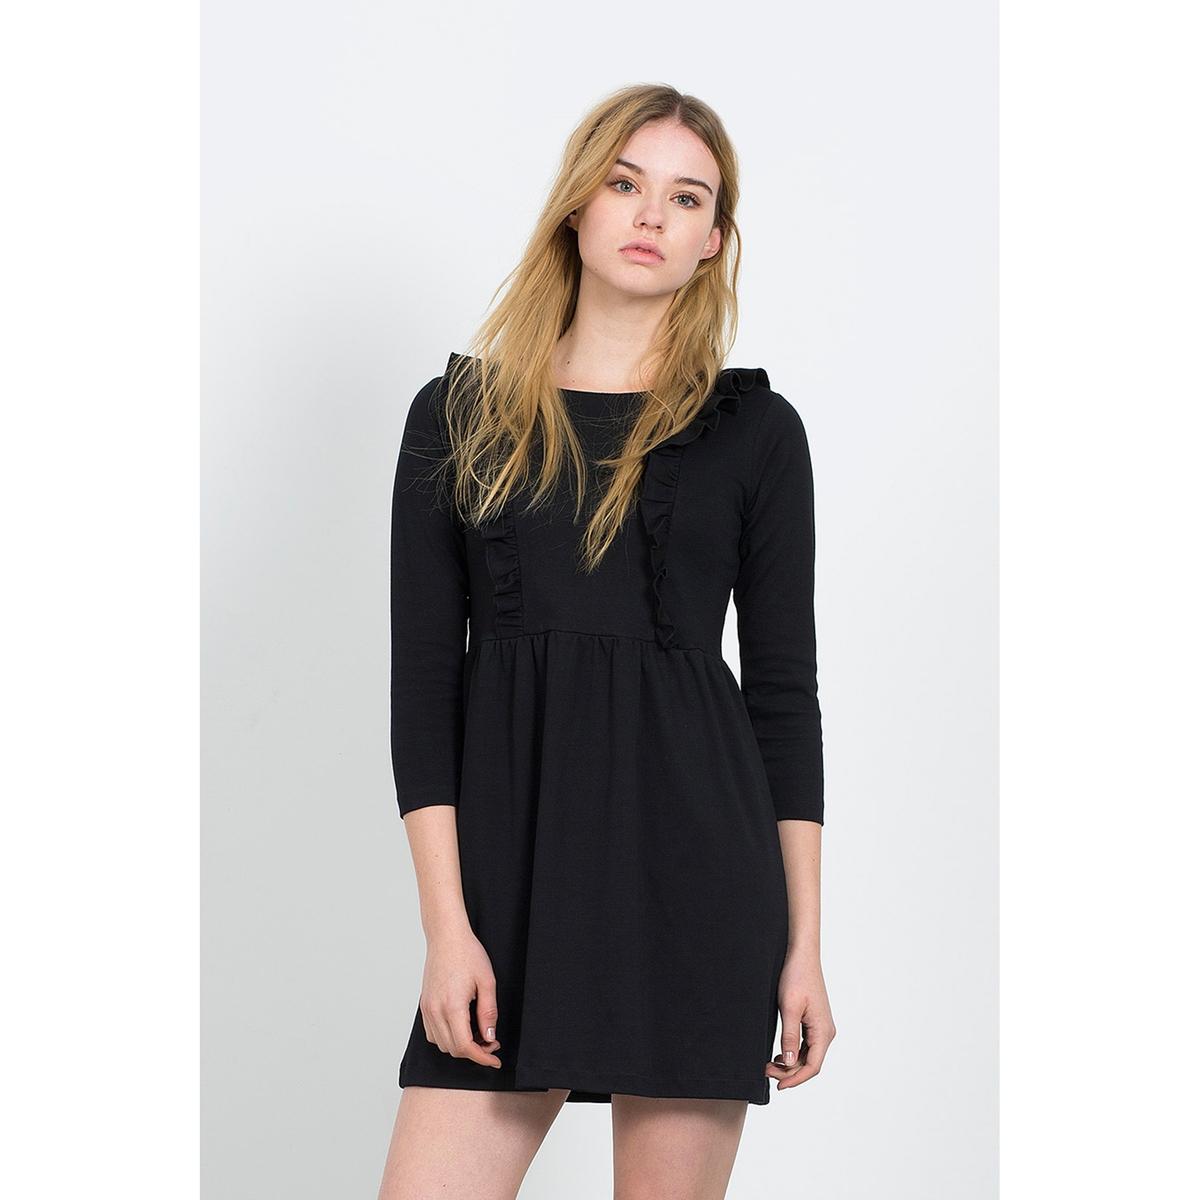 Короткое расклешённое платье SYDNEY BLACK DRESSСостав и описание :Материал : 100% хлопокМарка : COMPANIA FANTASTICA.УходМашинная стирка при 30 °С с вещами схожих цветов  Стирать и гладить с изнаночной стороны<br><br>Цвет: красный,черный<br>Размер: L.L